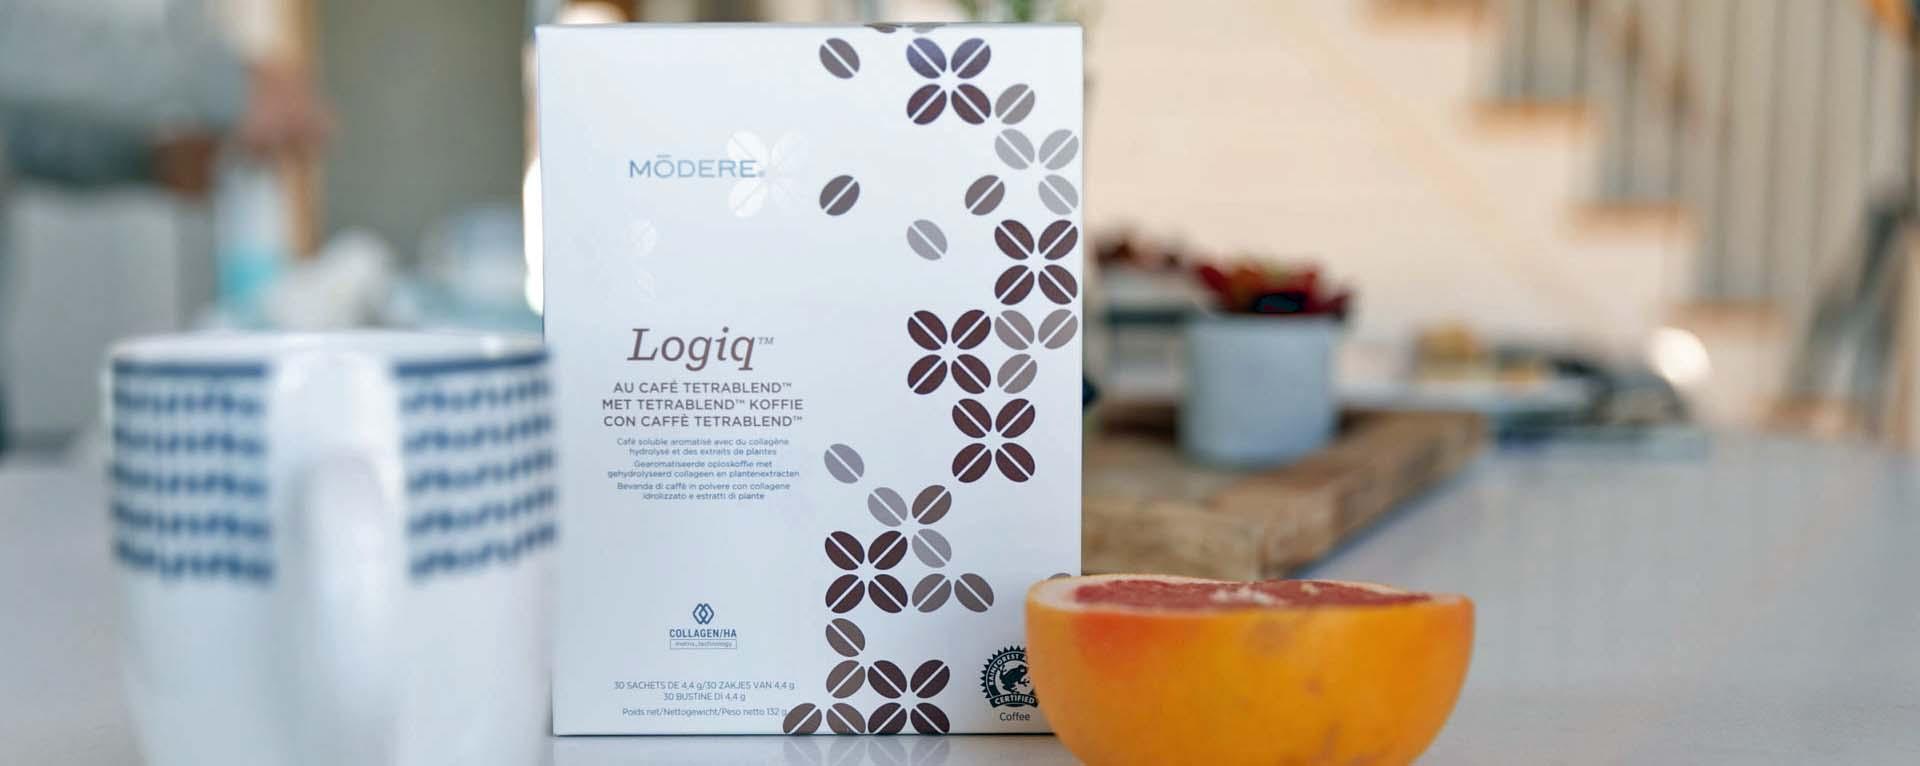 Modere Logiq™ mit Tetrablend™ Kaffee